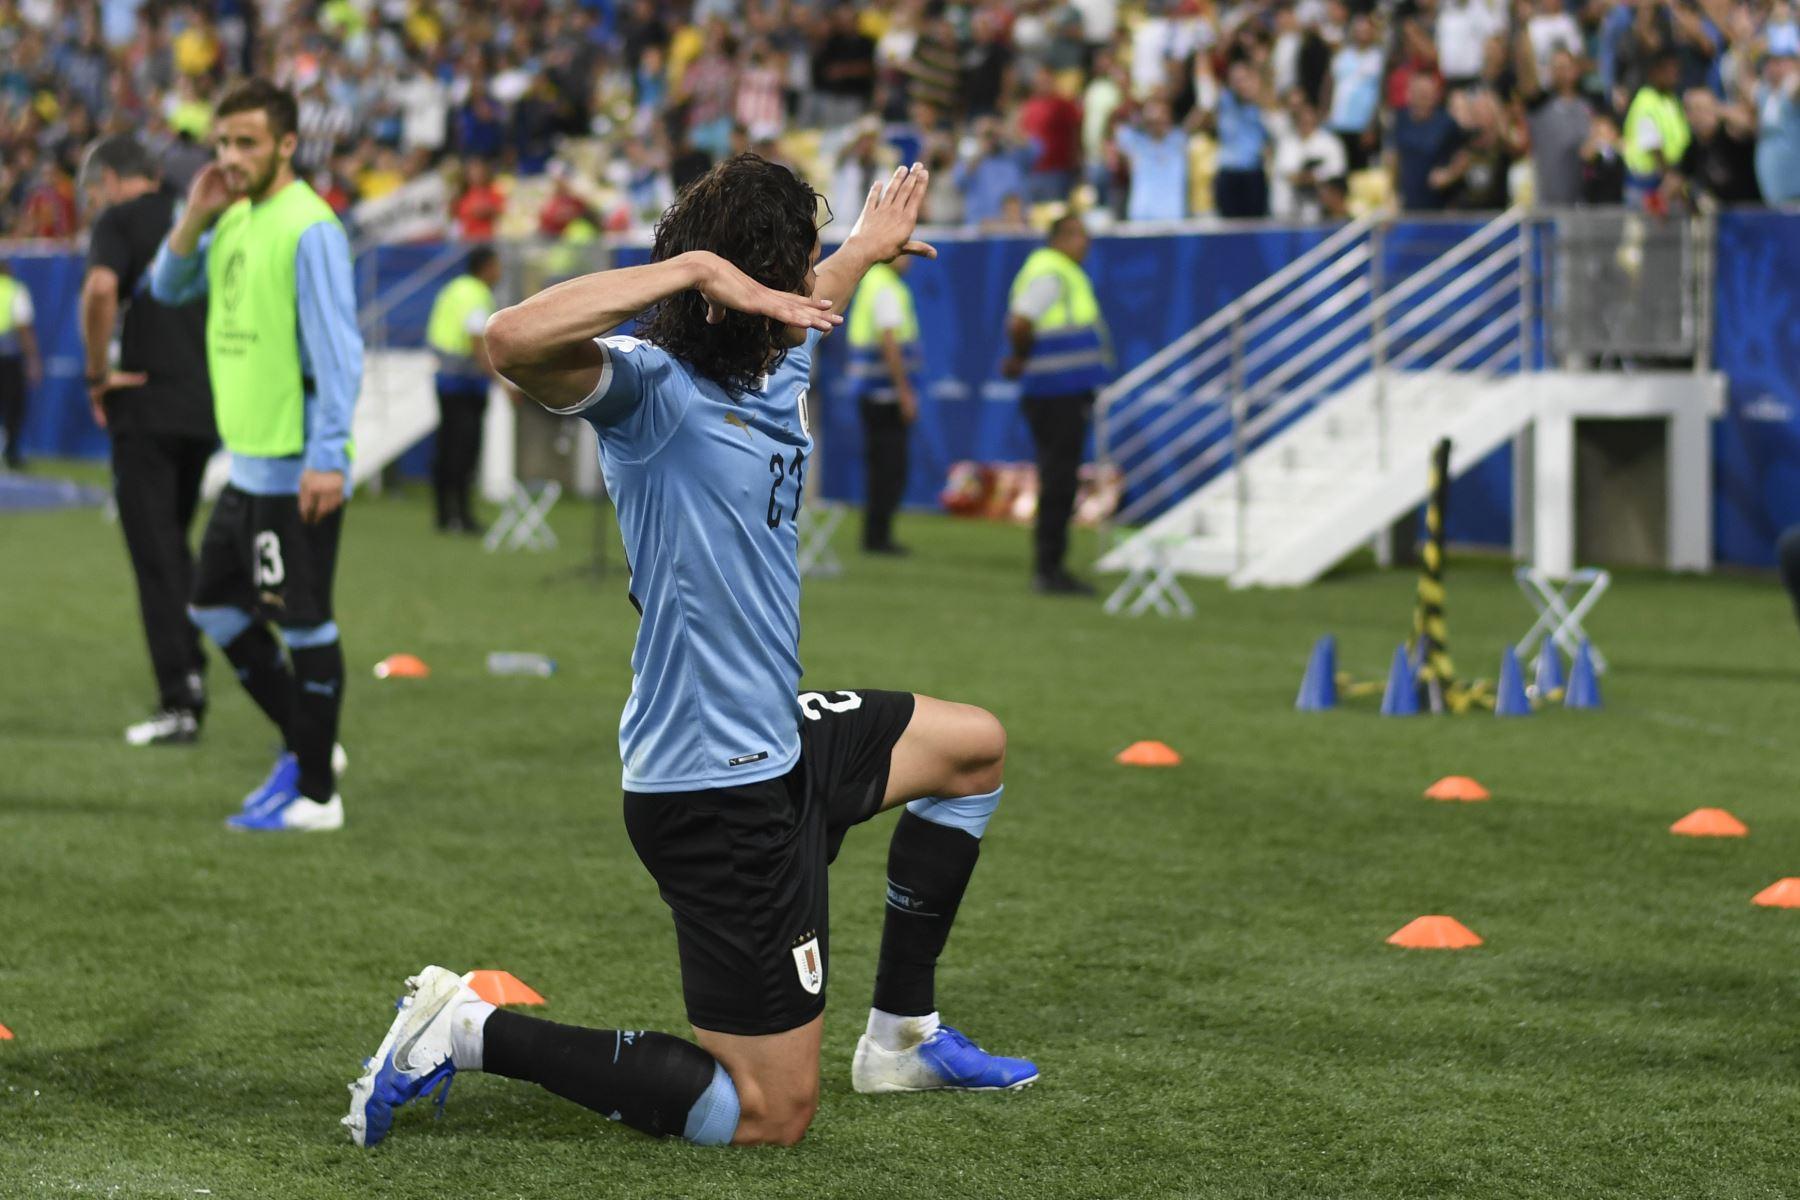 El uruguayo Edinson Cavani reconoce a la multitud después de derrotar a Chile 1-0 con su cabezazo en su partido de torneo de fútbol de la Copa América en el estadio Maracana en Río de Janeiro, Brasil.Foto:AFP